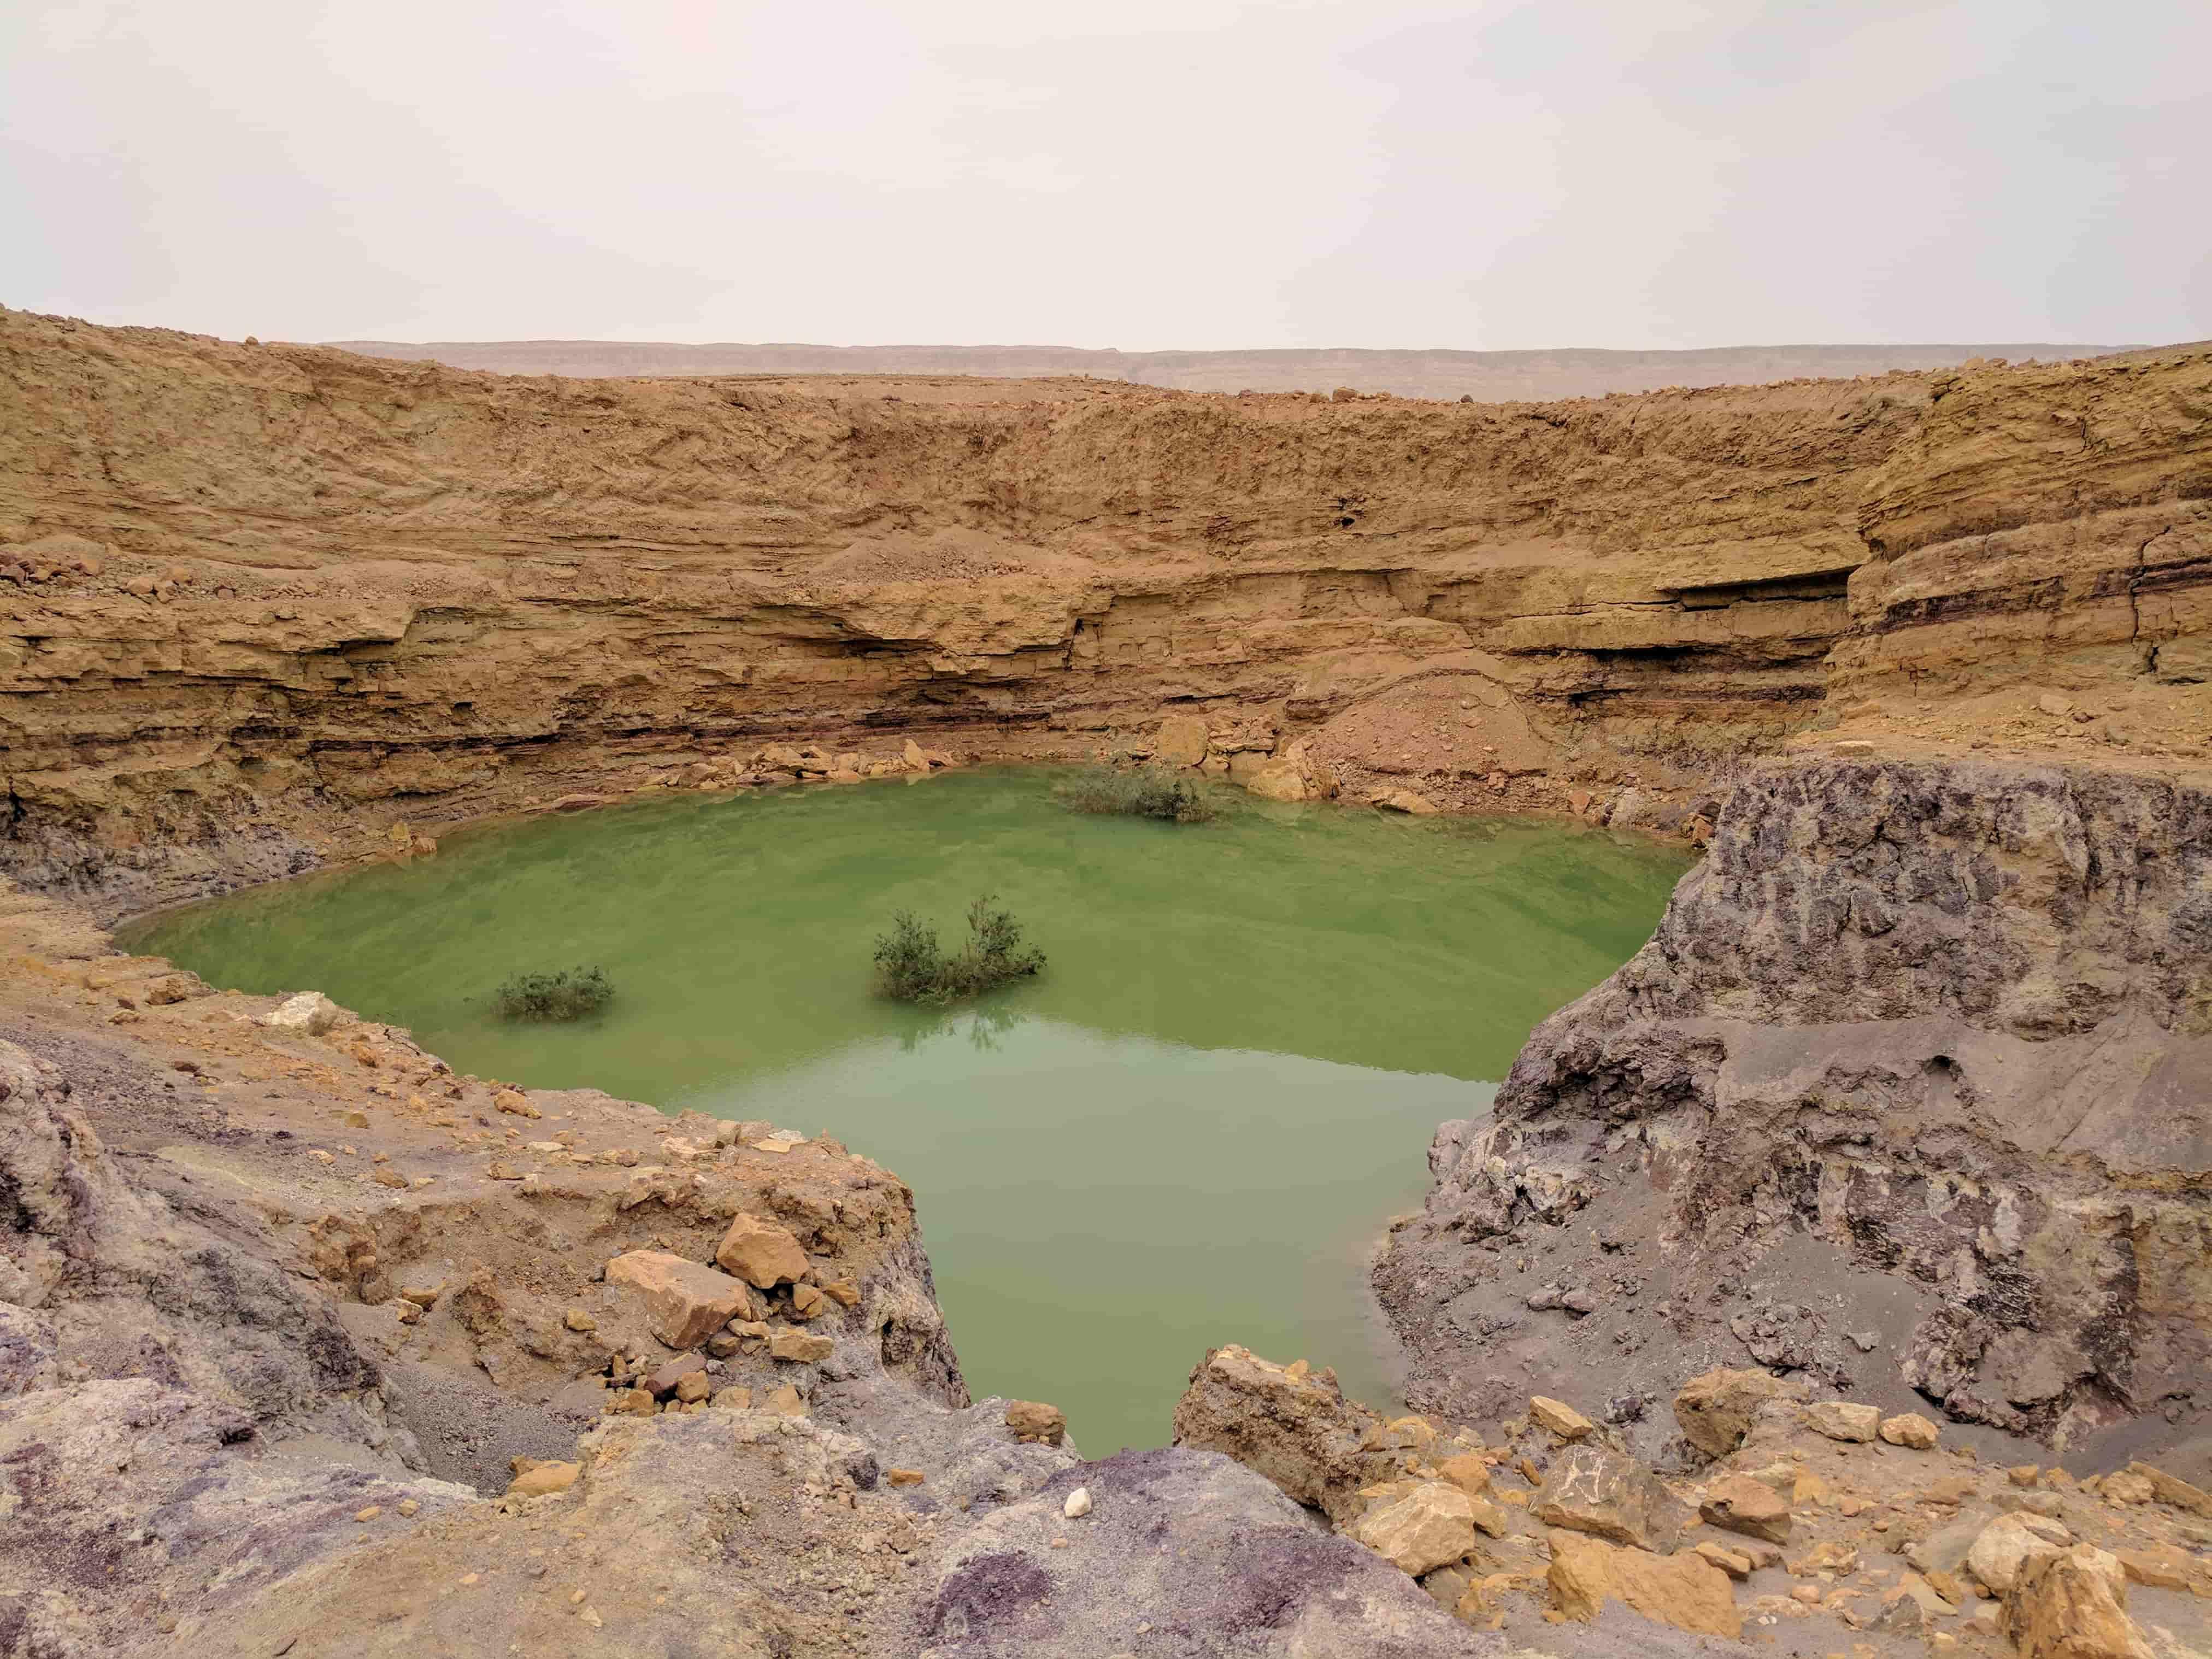 גן לאומי צבעי המכתש